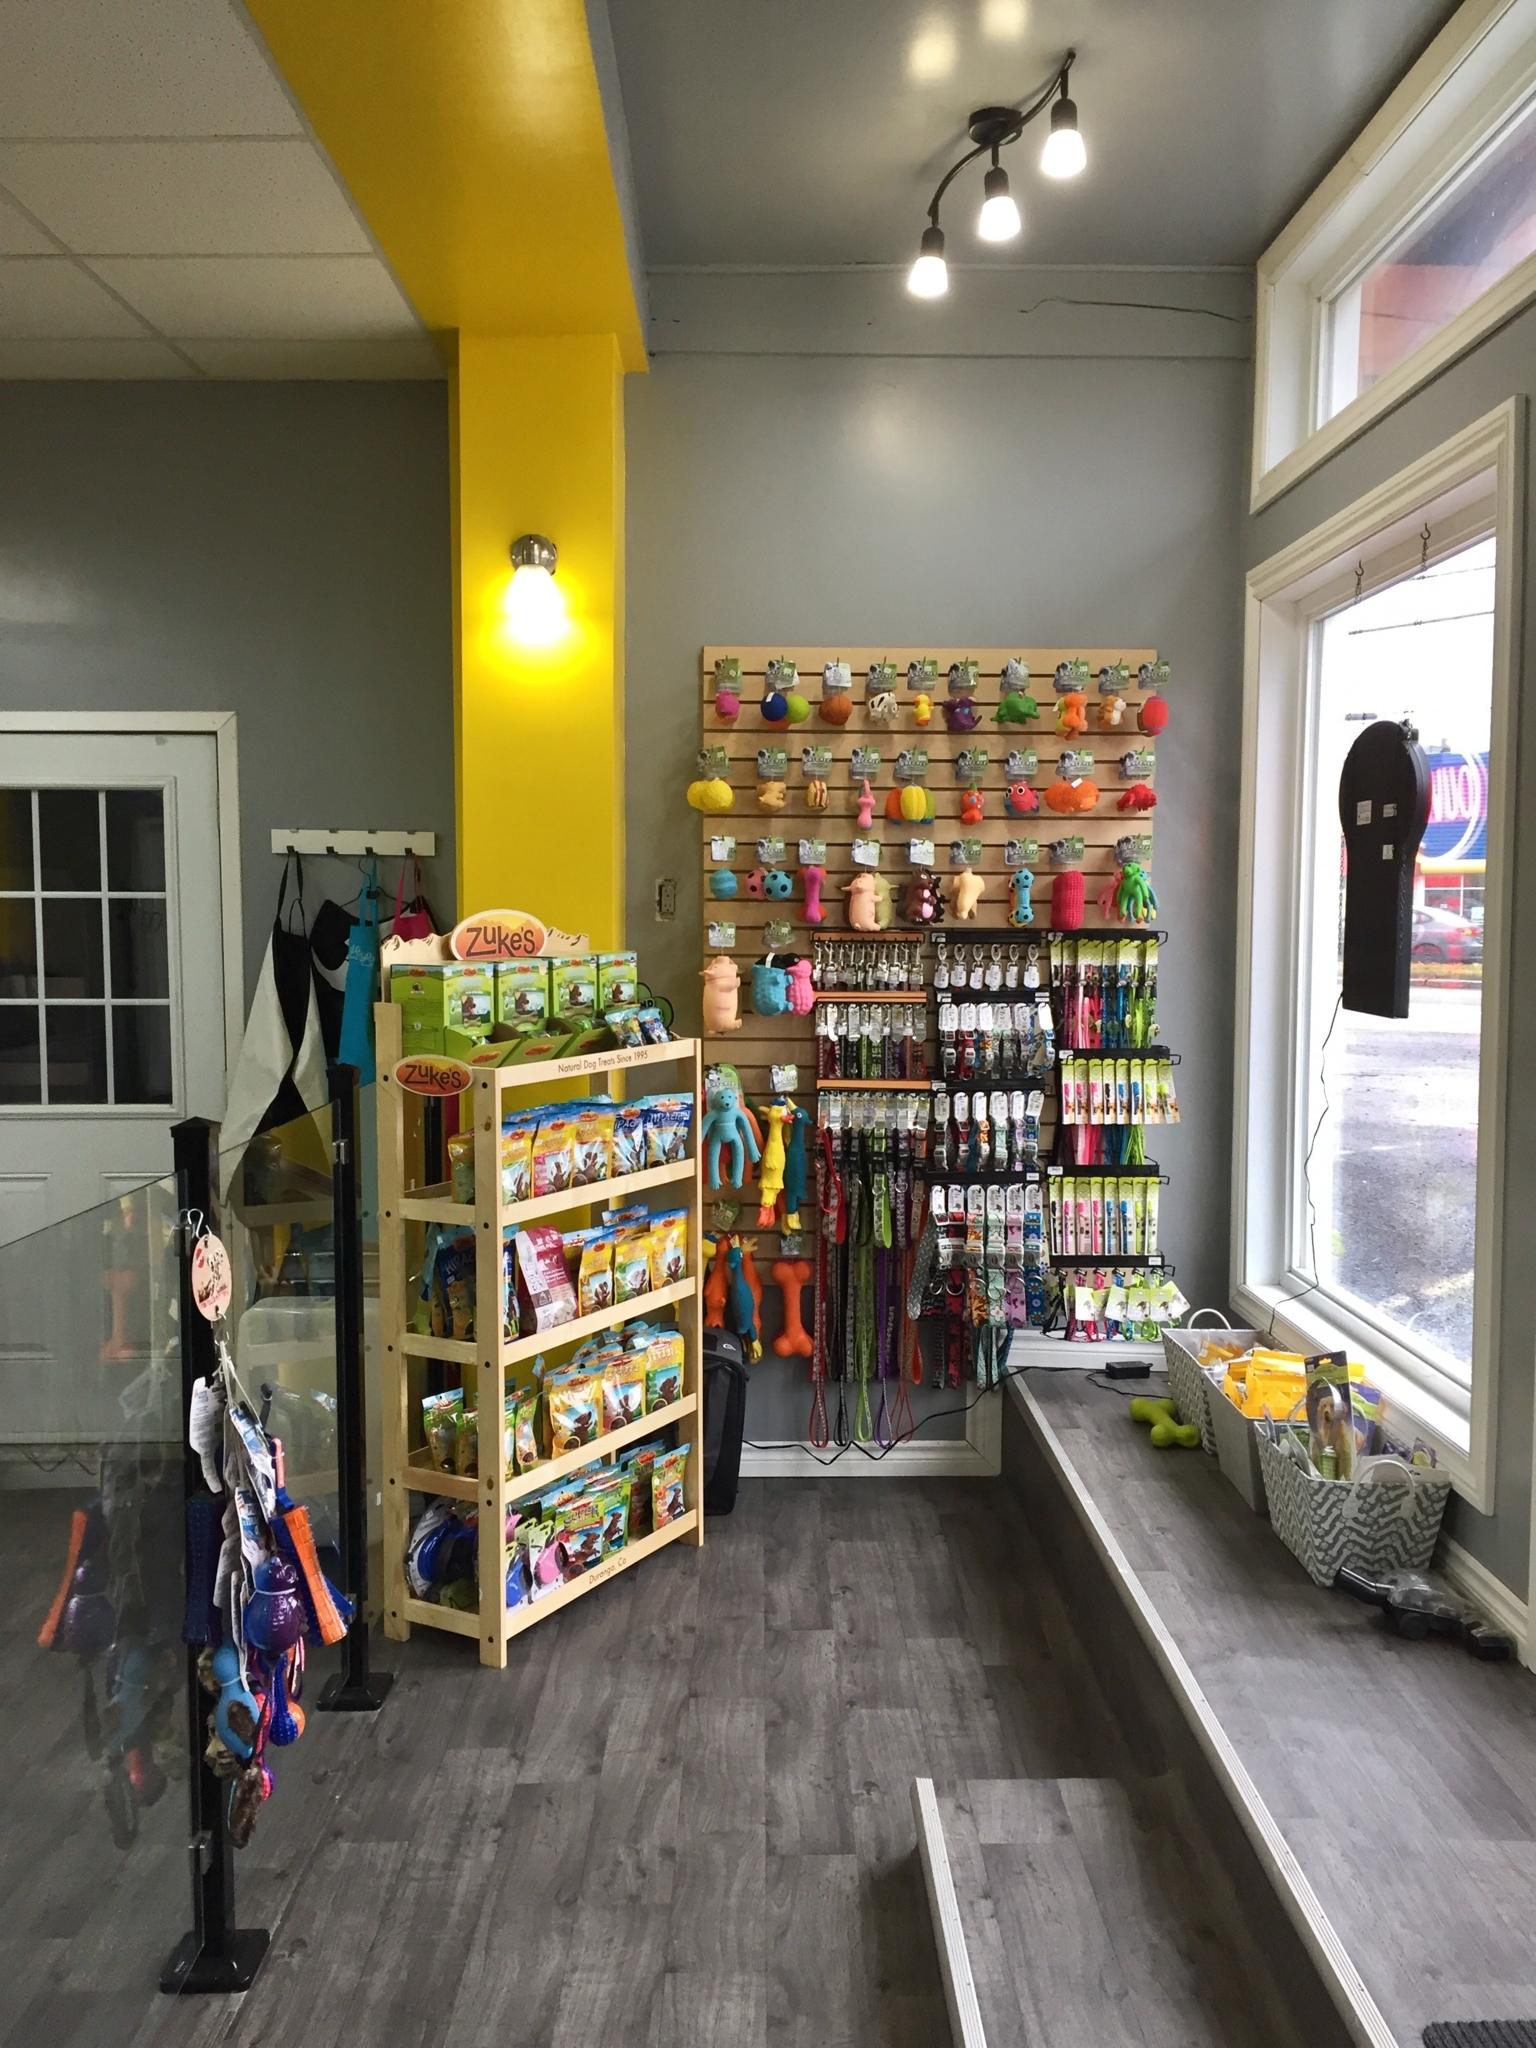 Salon Patte de Peluche Inc in Québec